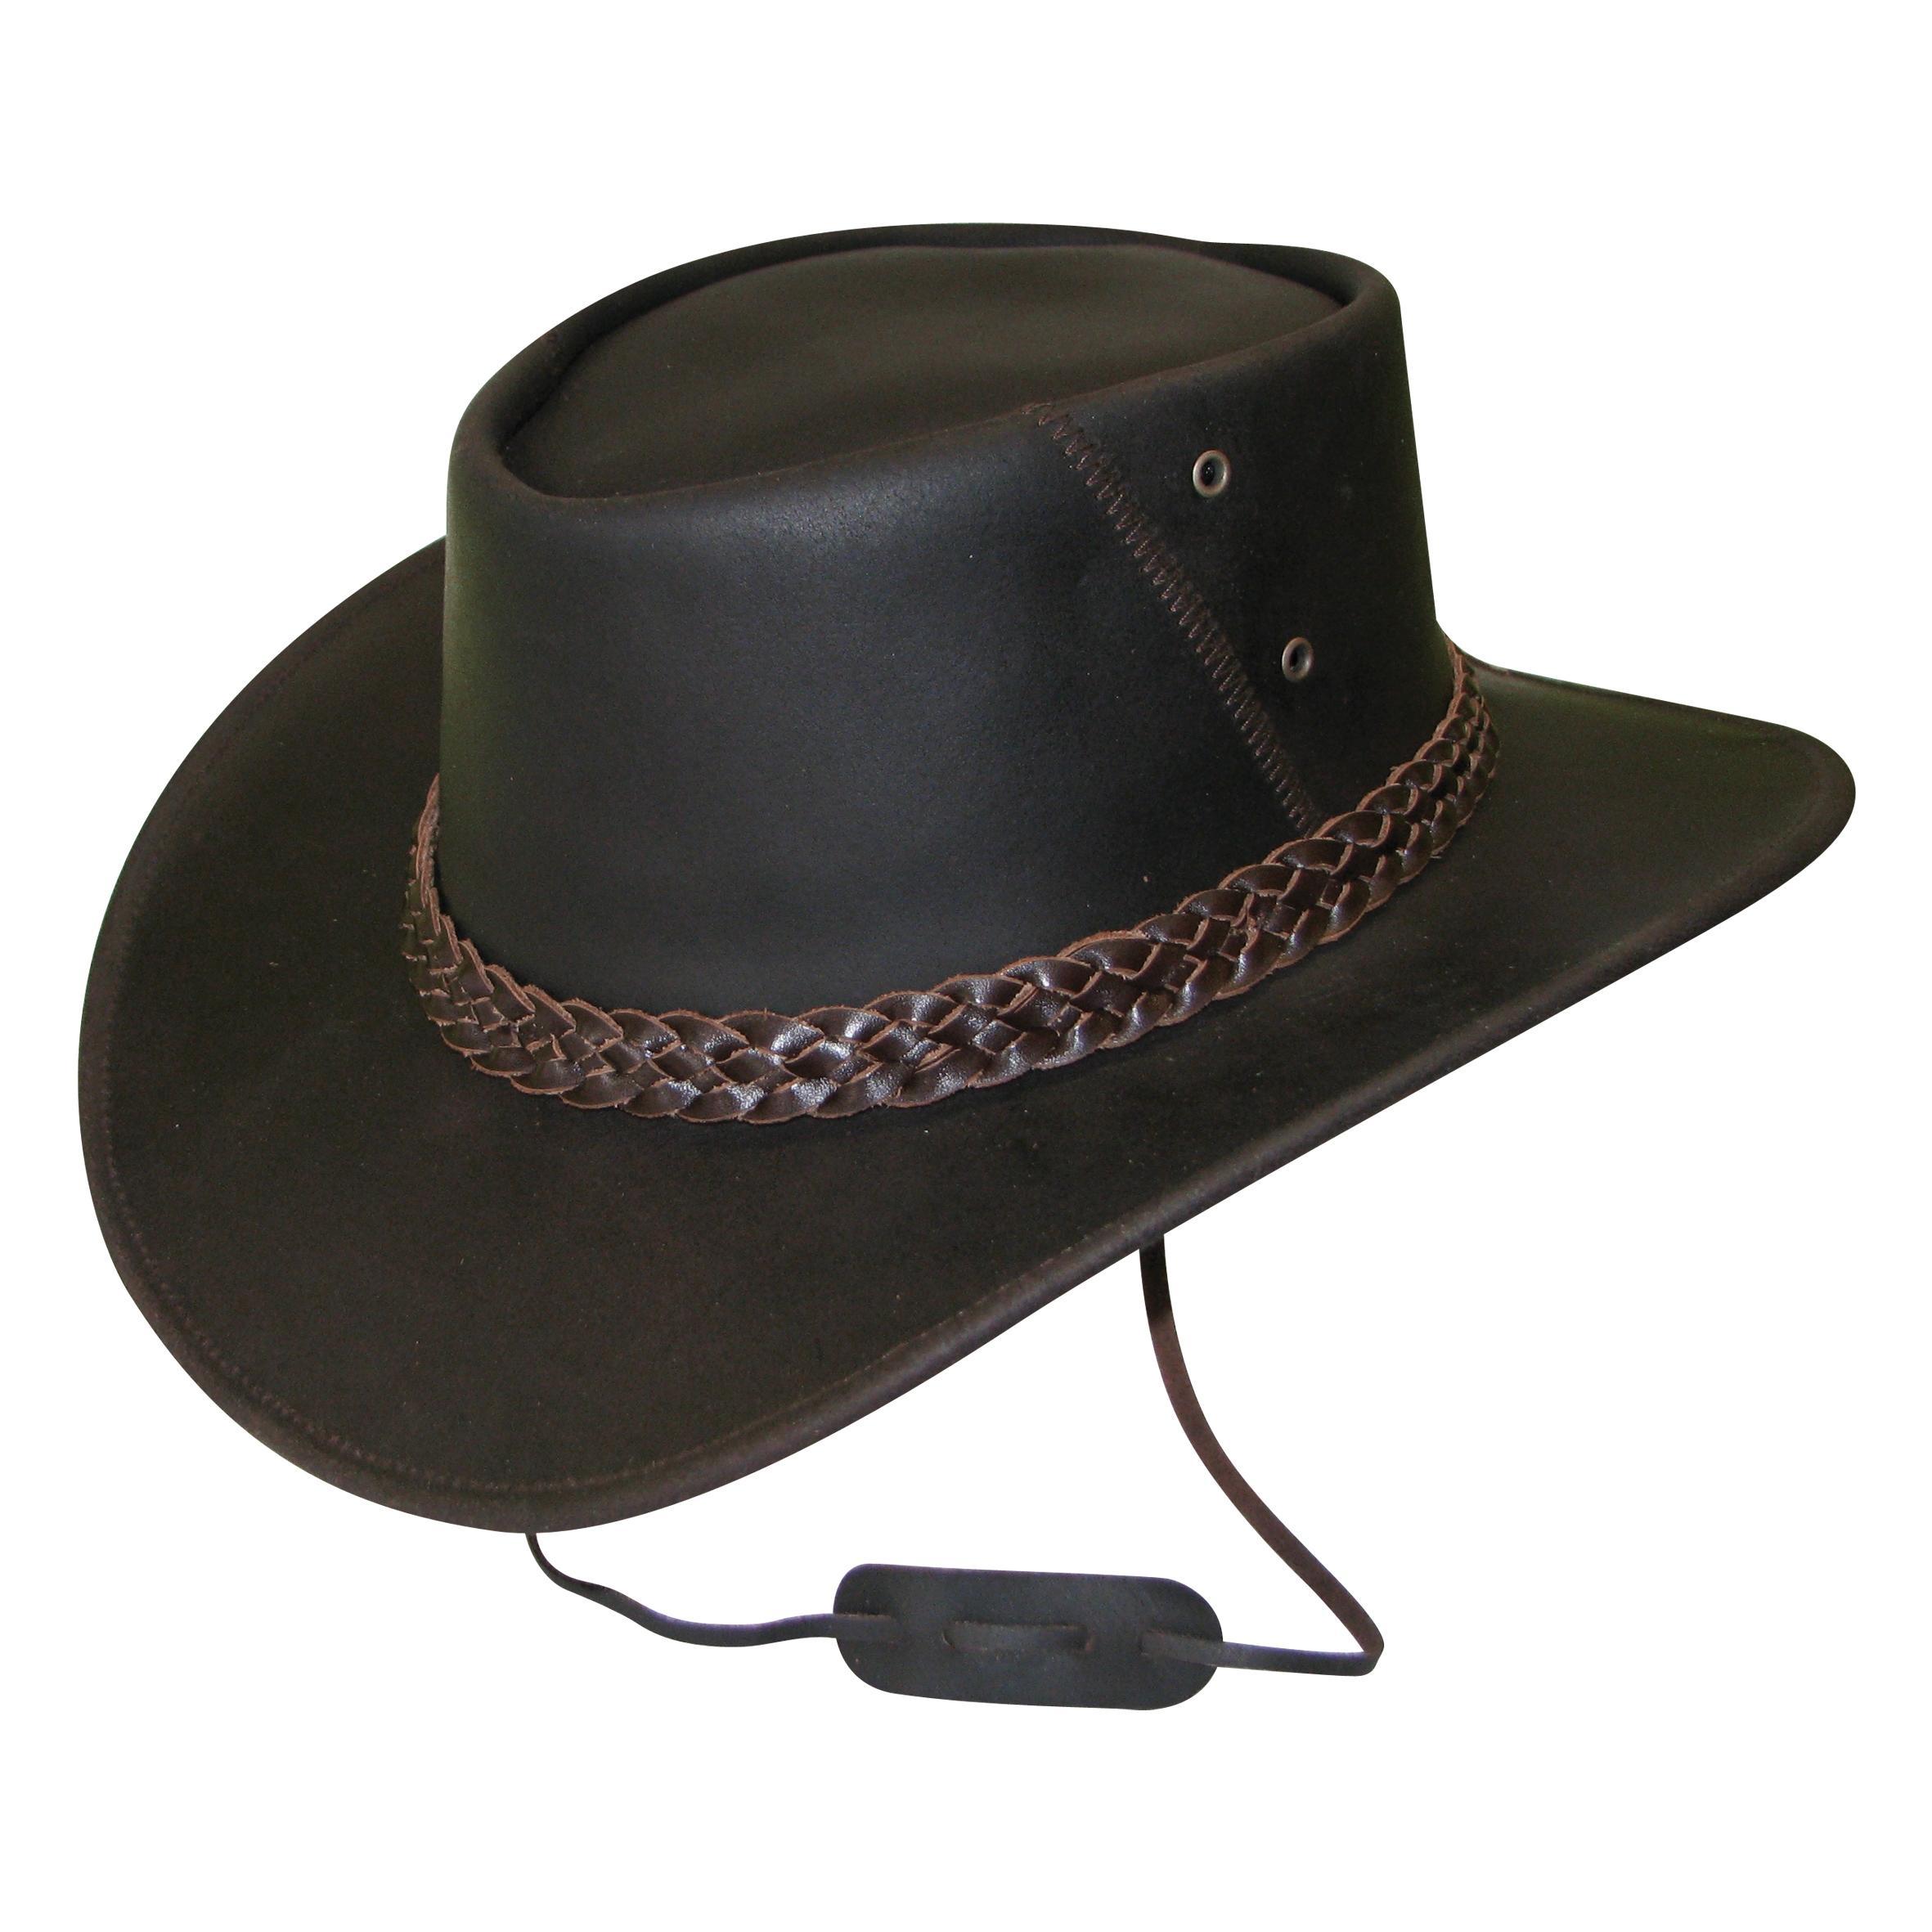 6c1862db408f9 Comprar Sombreros para Deporte